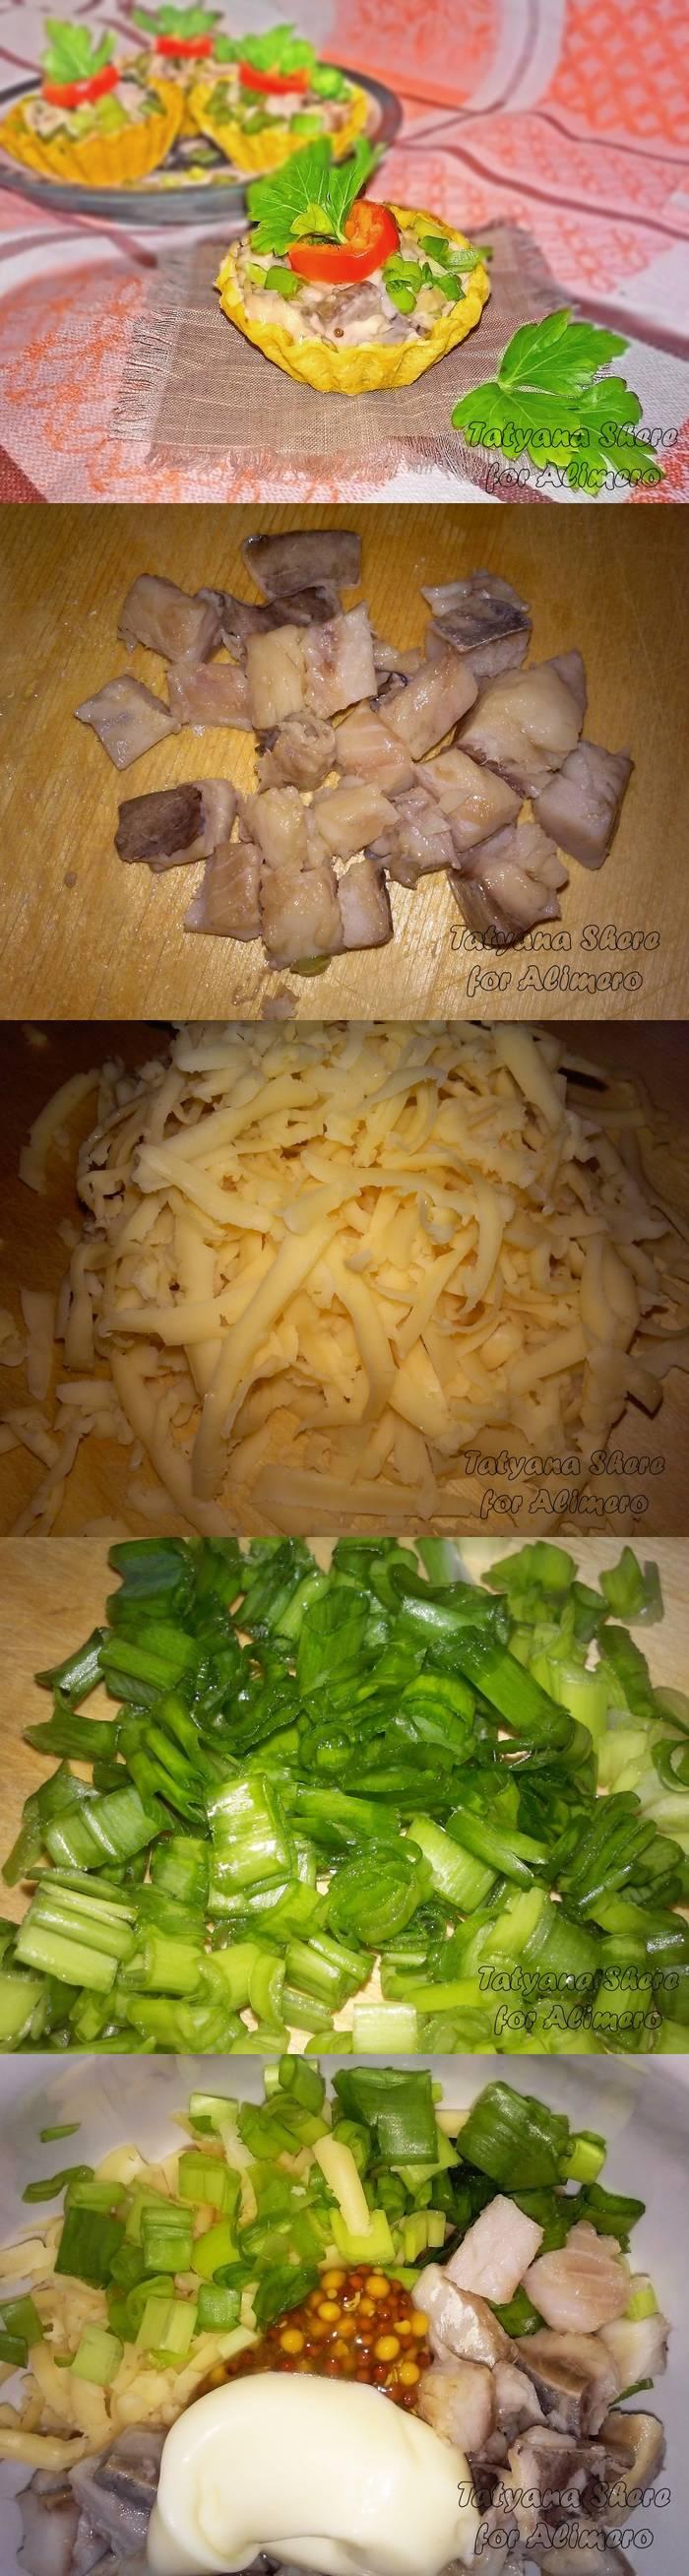 Селедка в горчичной заливке рецепт пошагово в